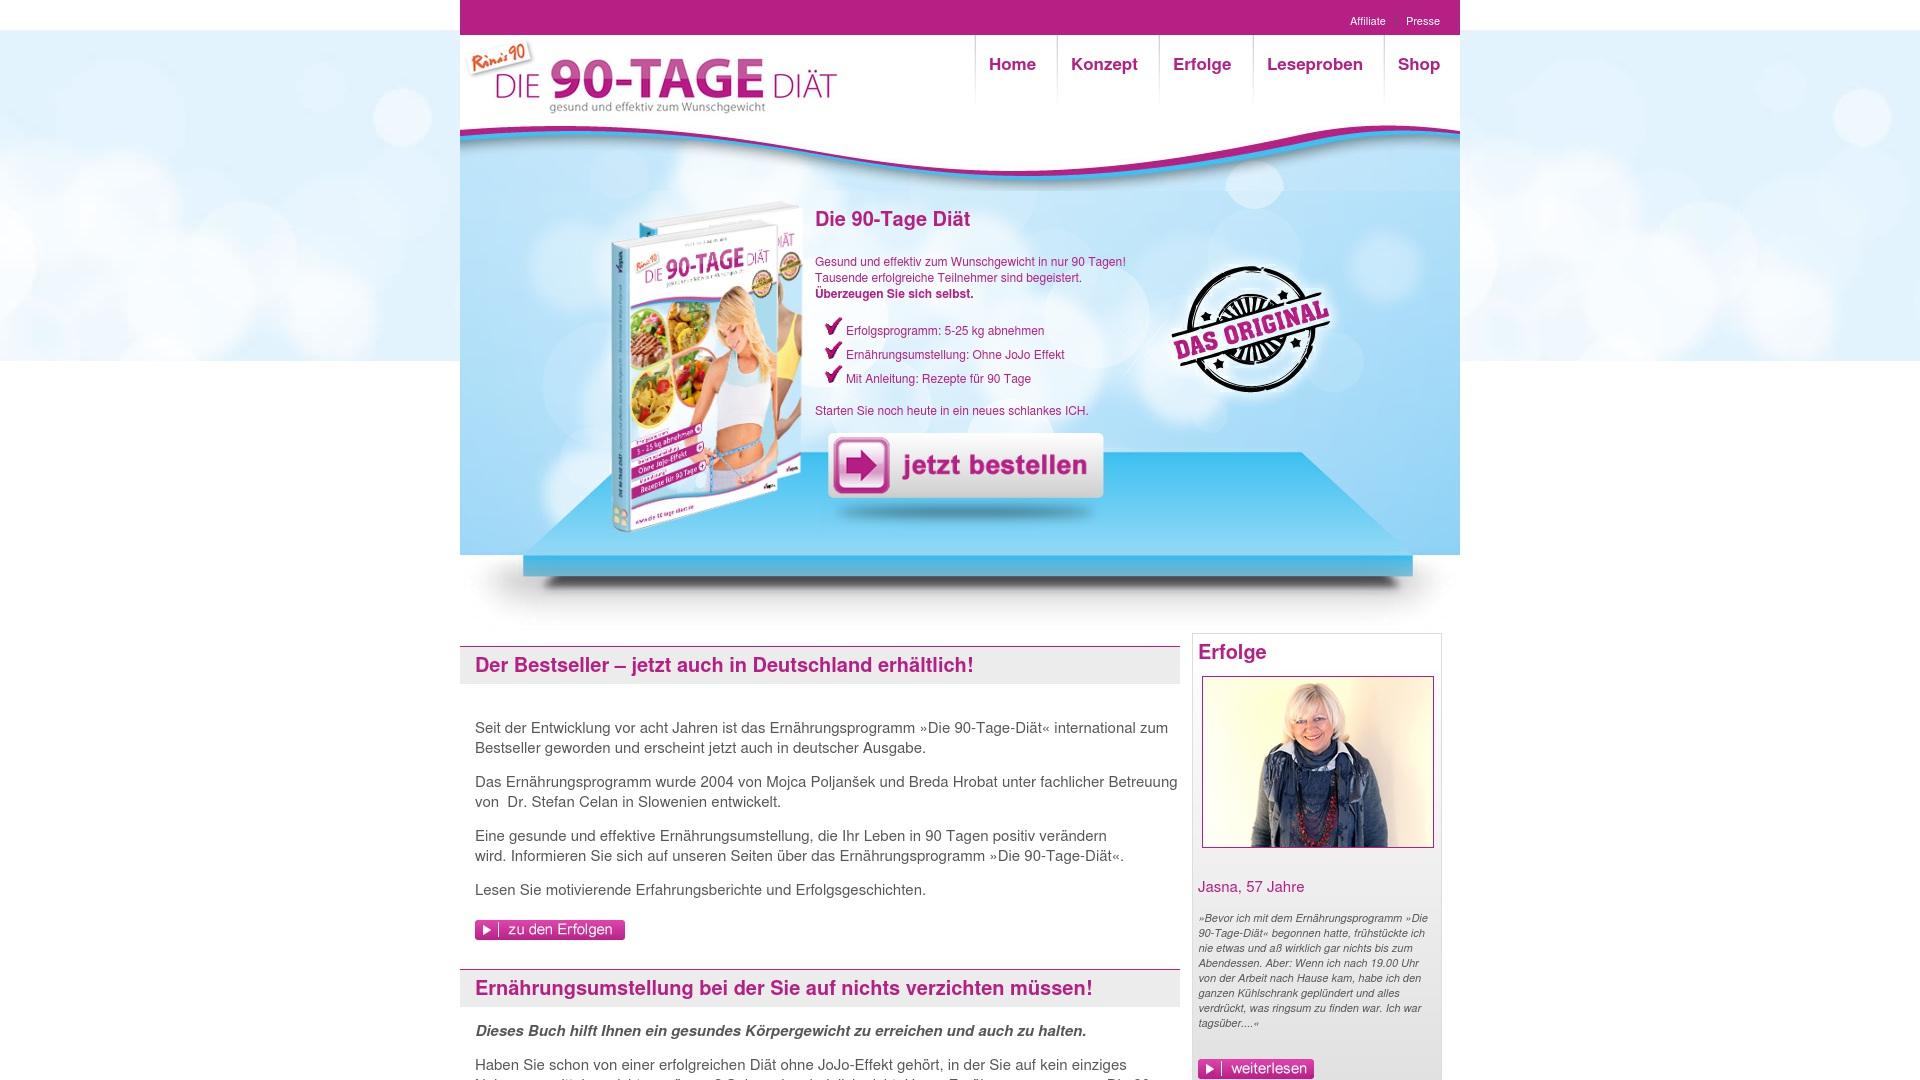 Gutschein für Die-90-tage-diaet: Rabatte für  Die-90-tage-diaet sichern